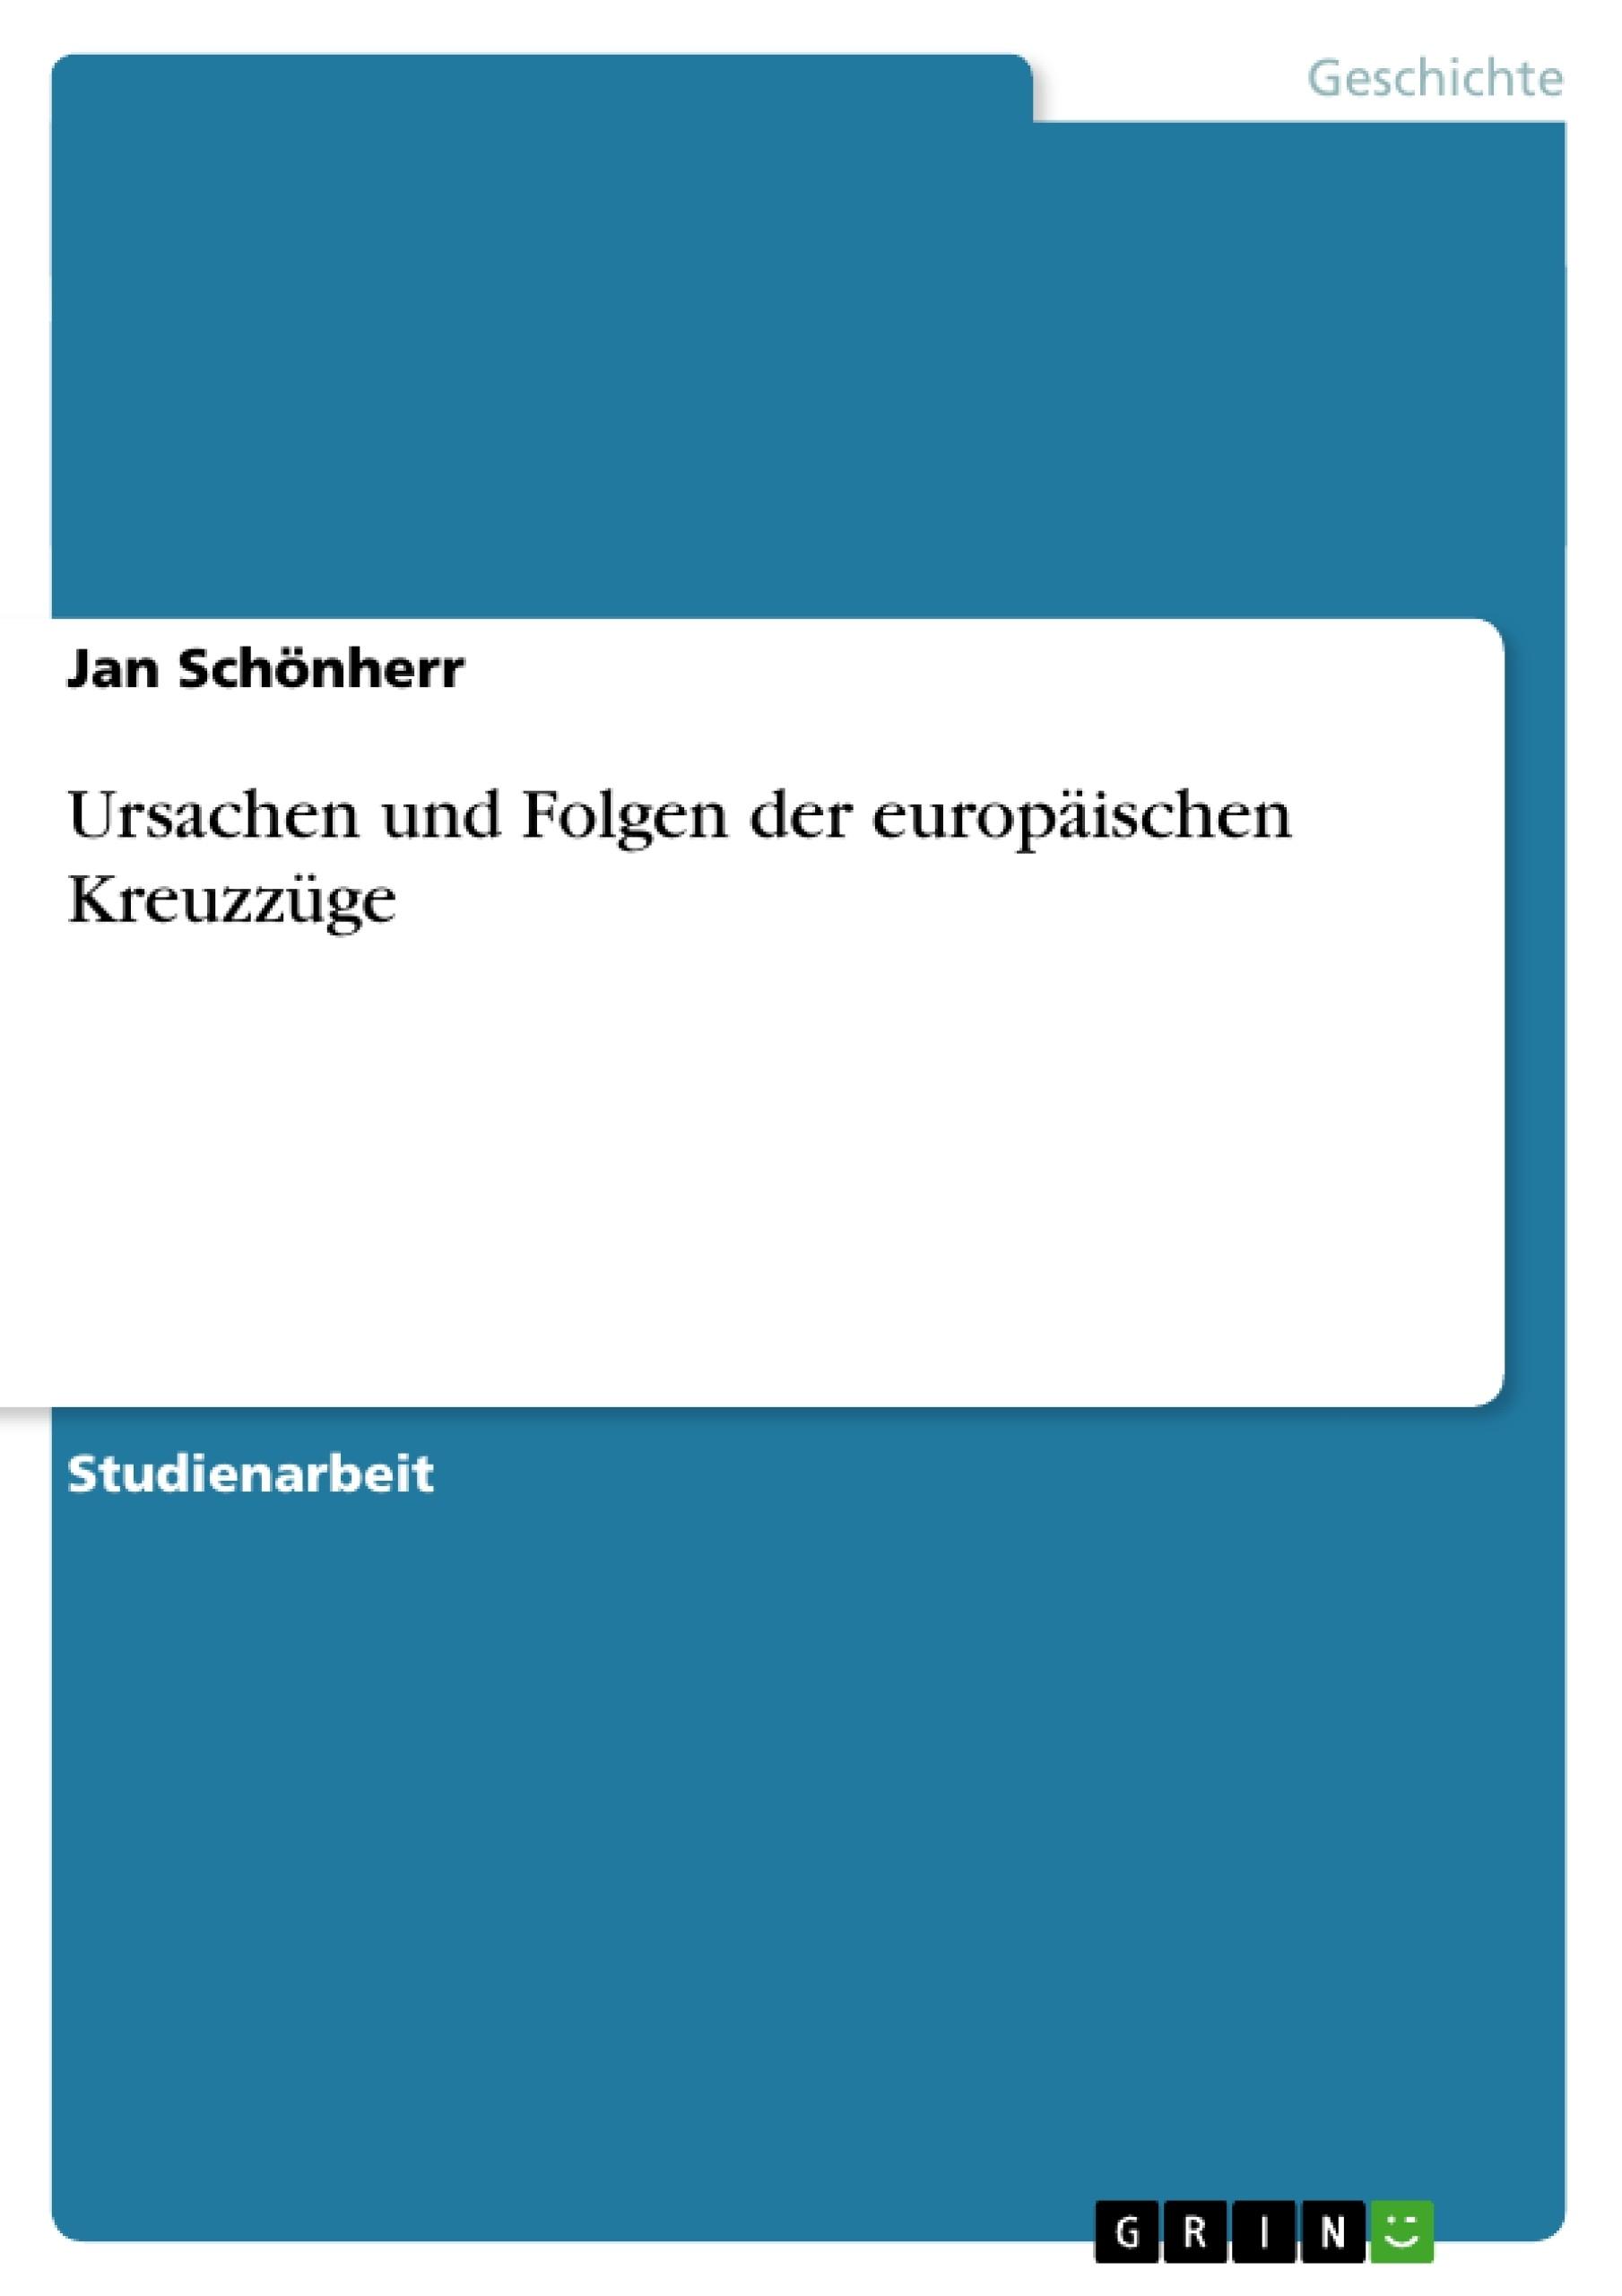 Titel: Ursachen und Folgen der europäischen Kreuzzüge